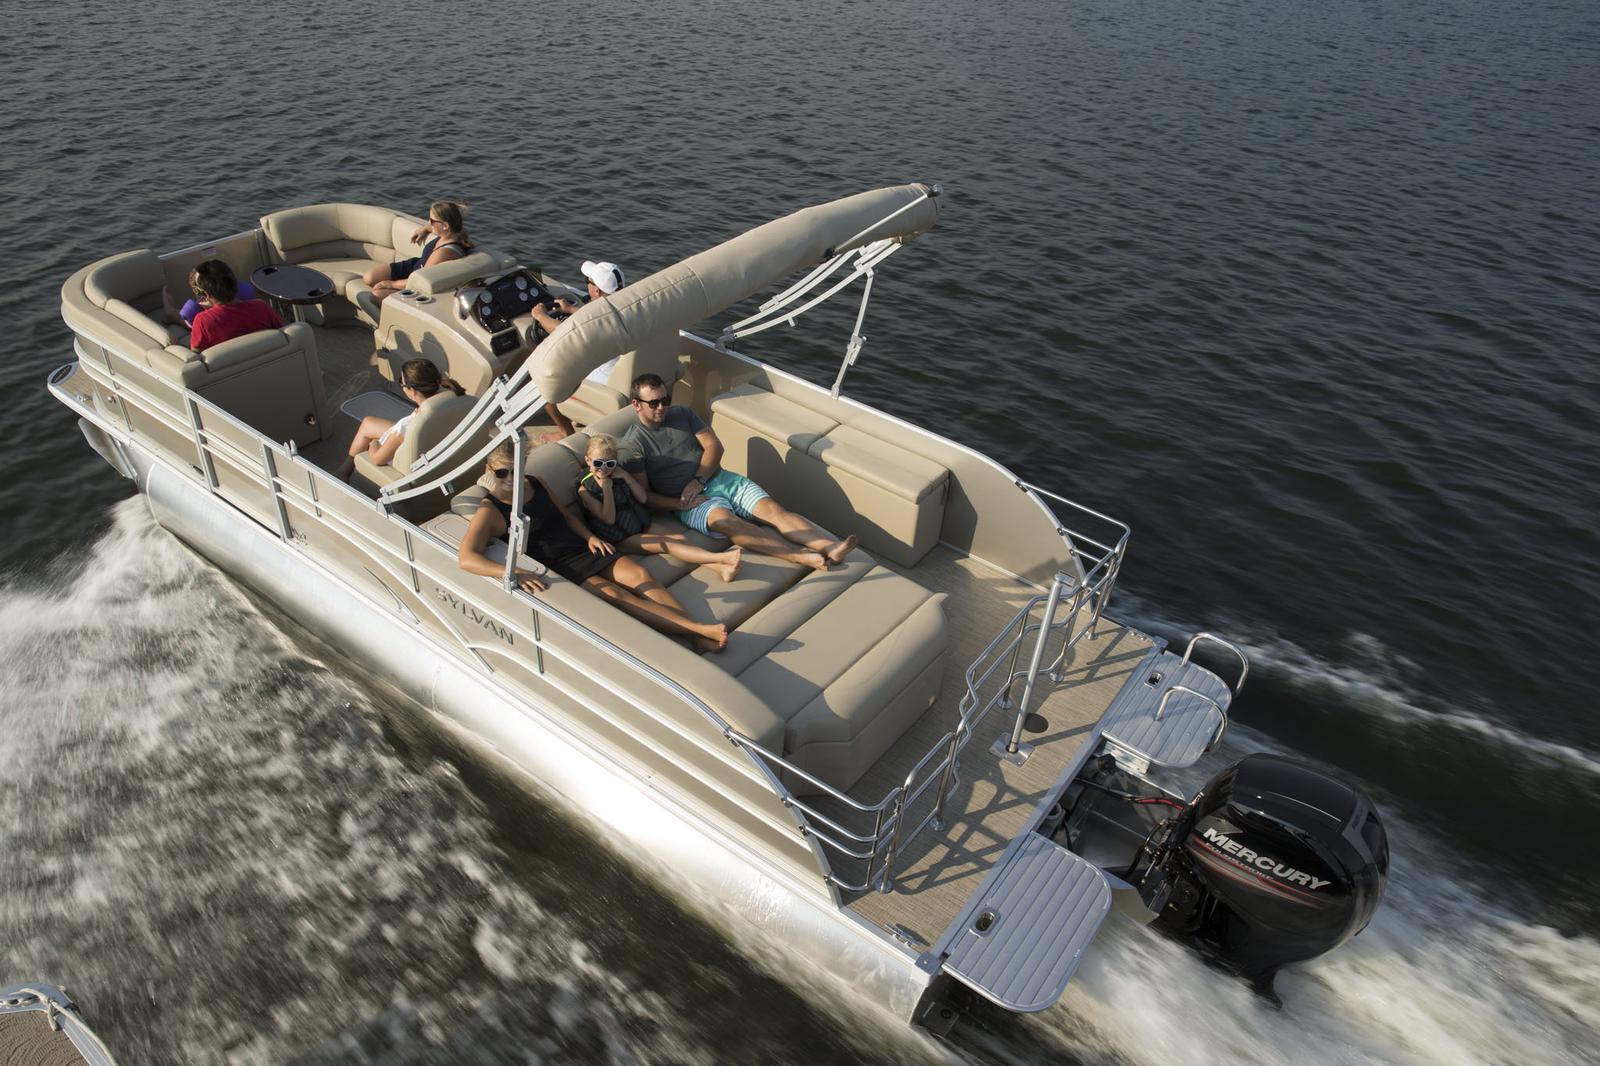 new boat moreboats pontoon perris com sale bentley xl dealers for boats ca